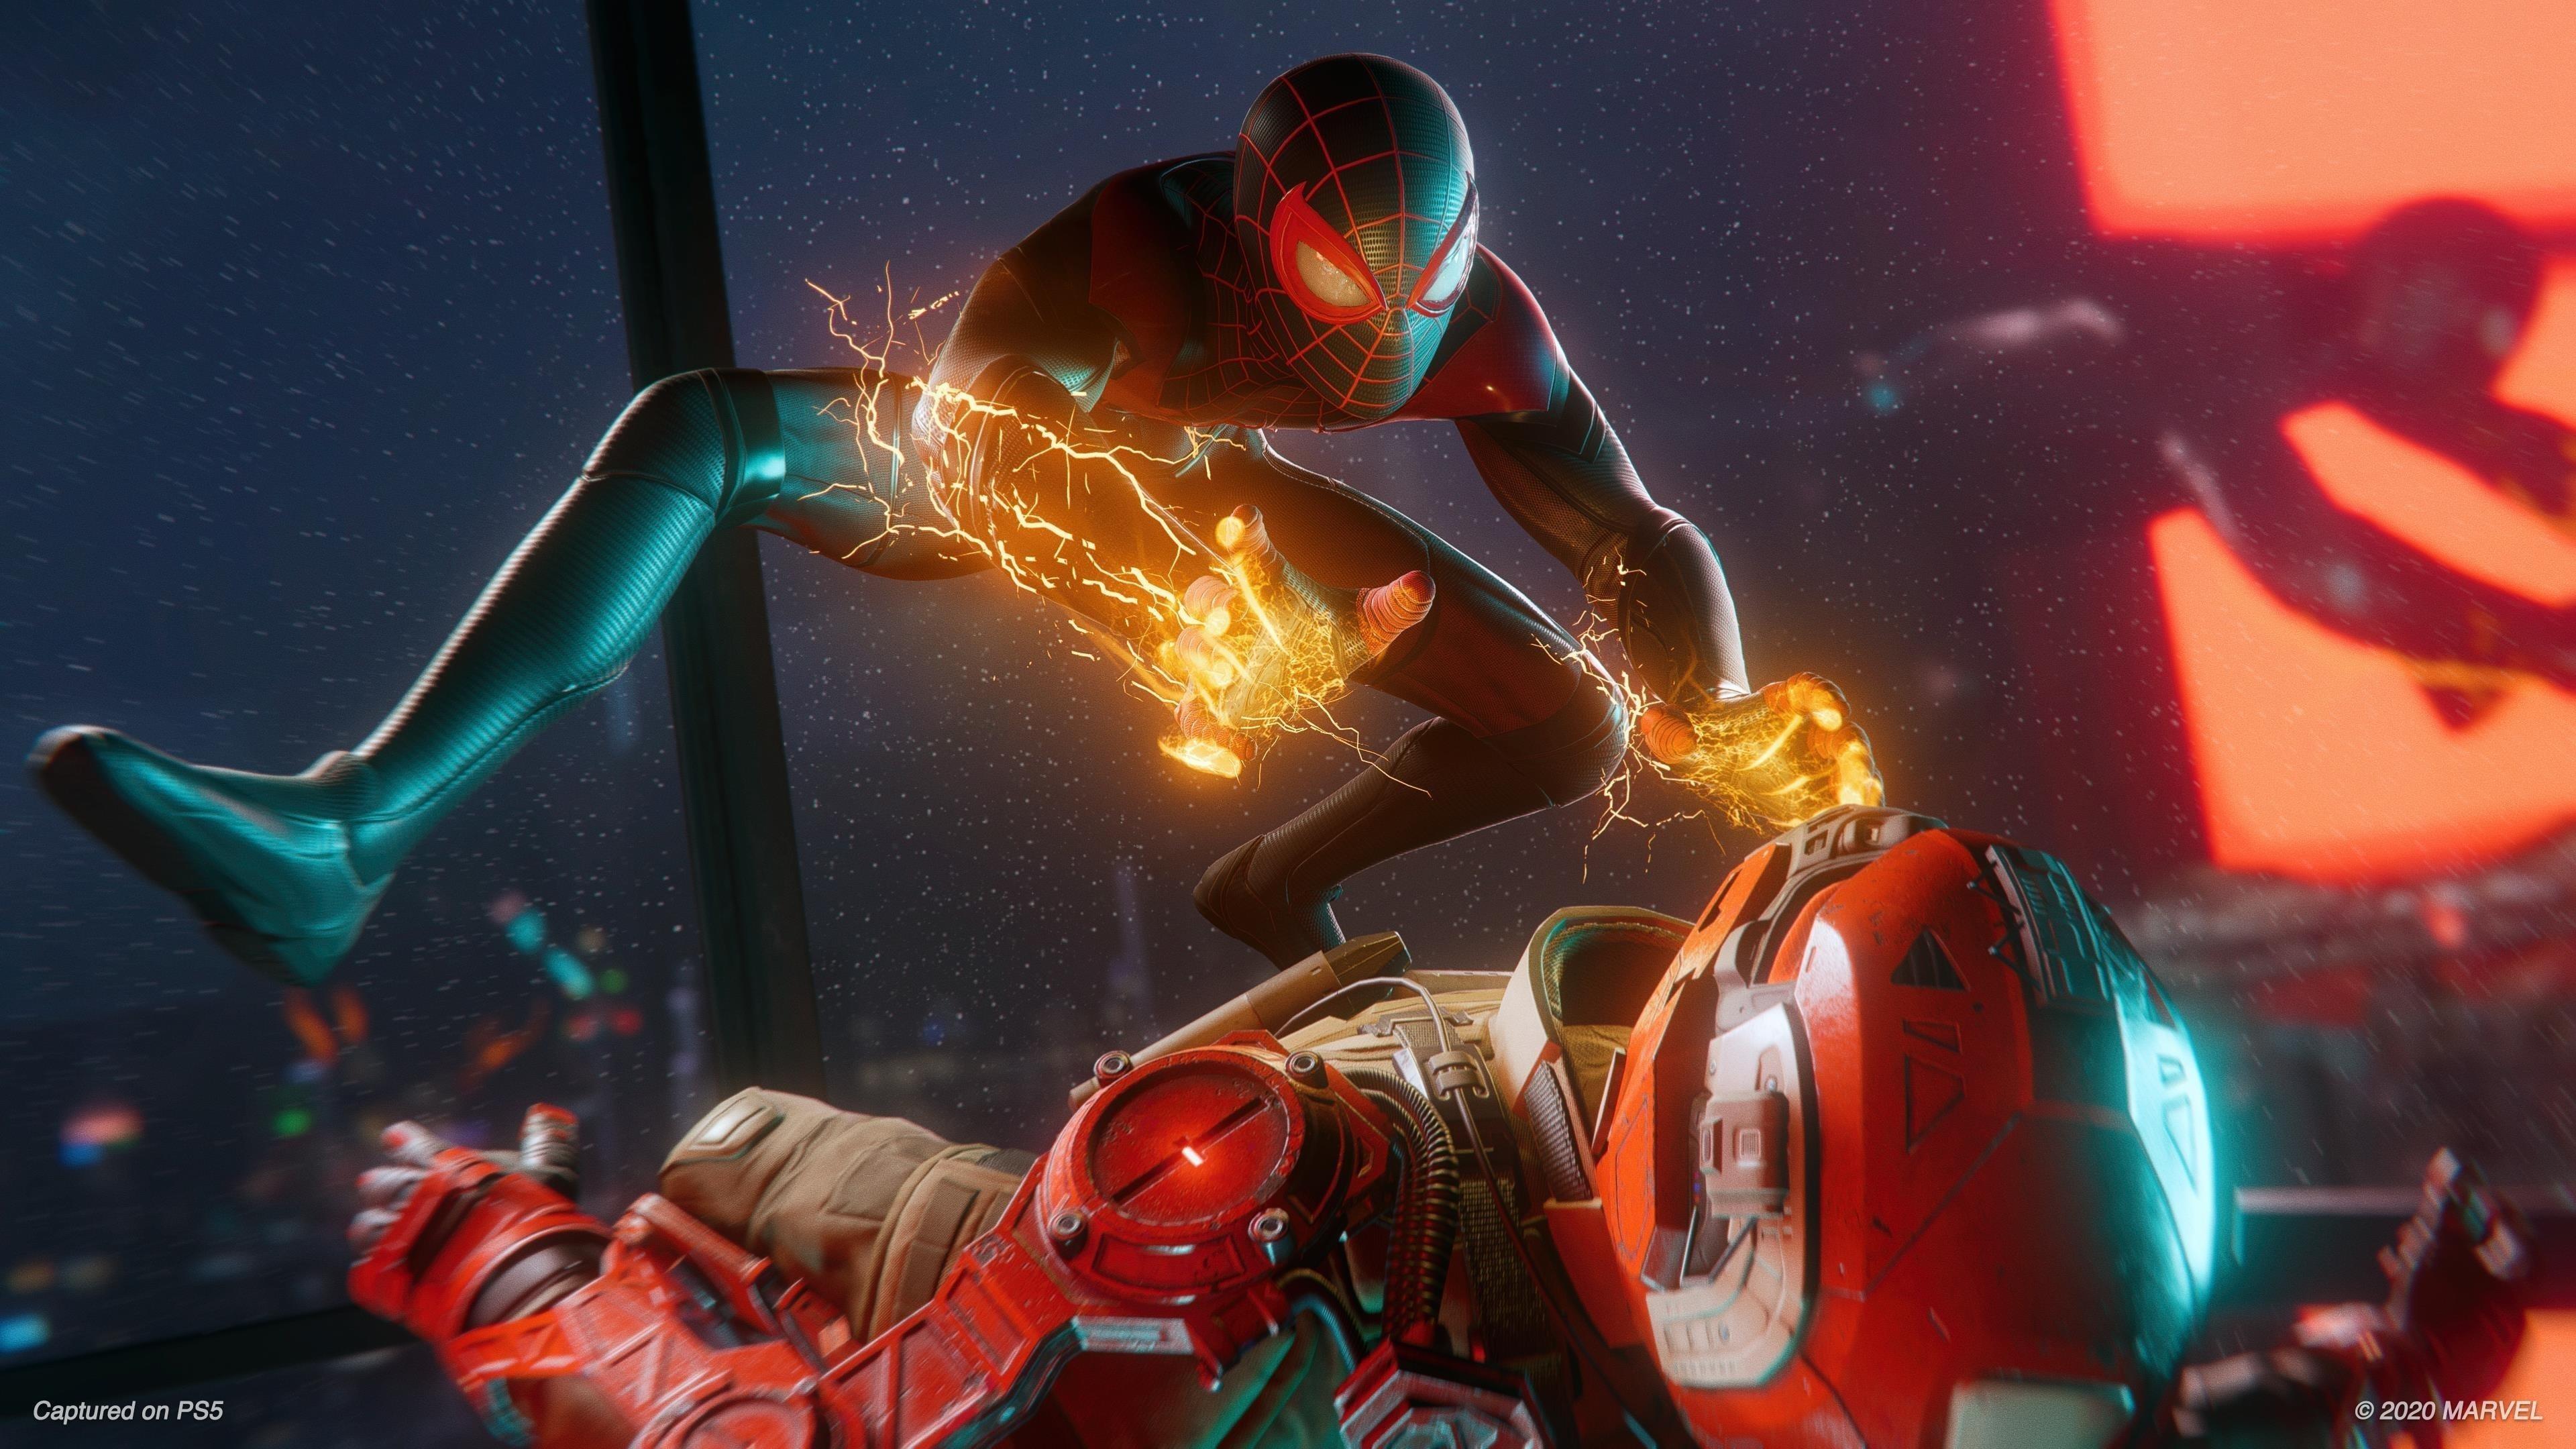 Человек-паук marvel Майлз Моралес обои скачать